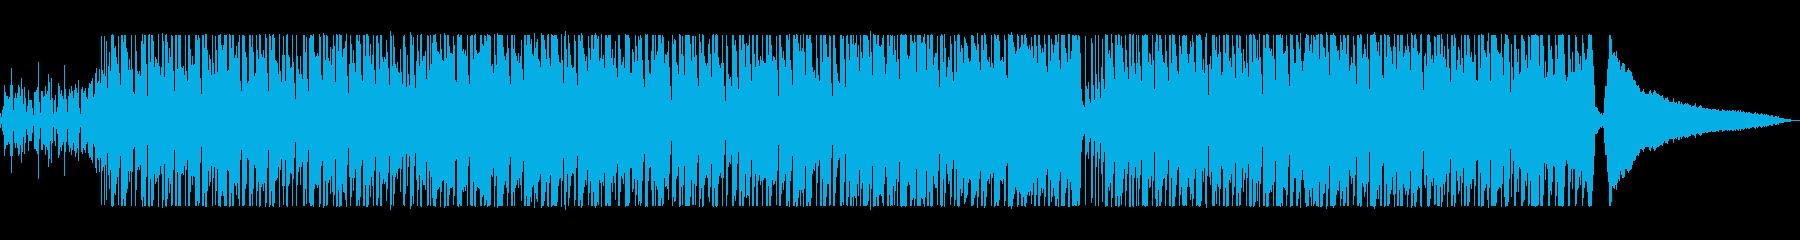 軽快で明るいシンセポップサウンドの再生済みの波形